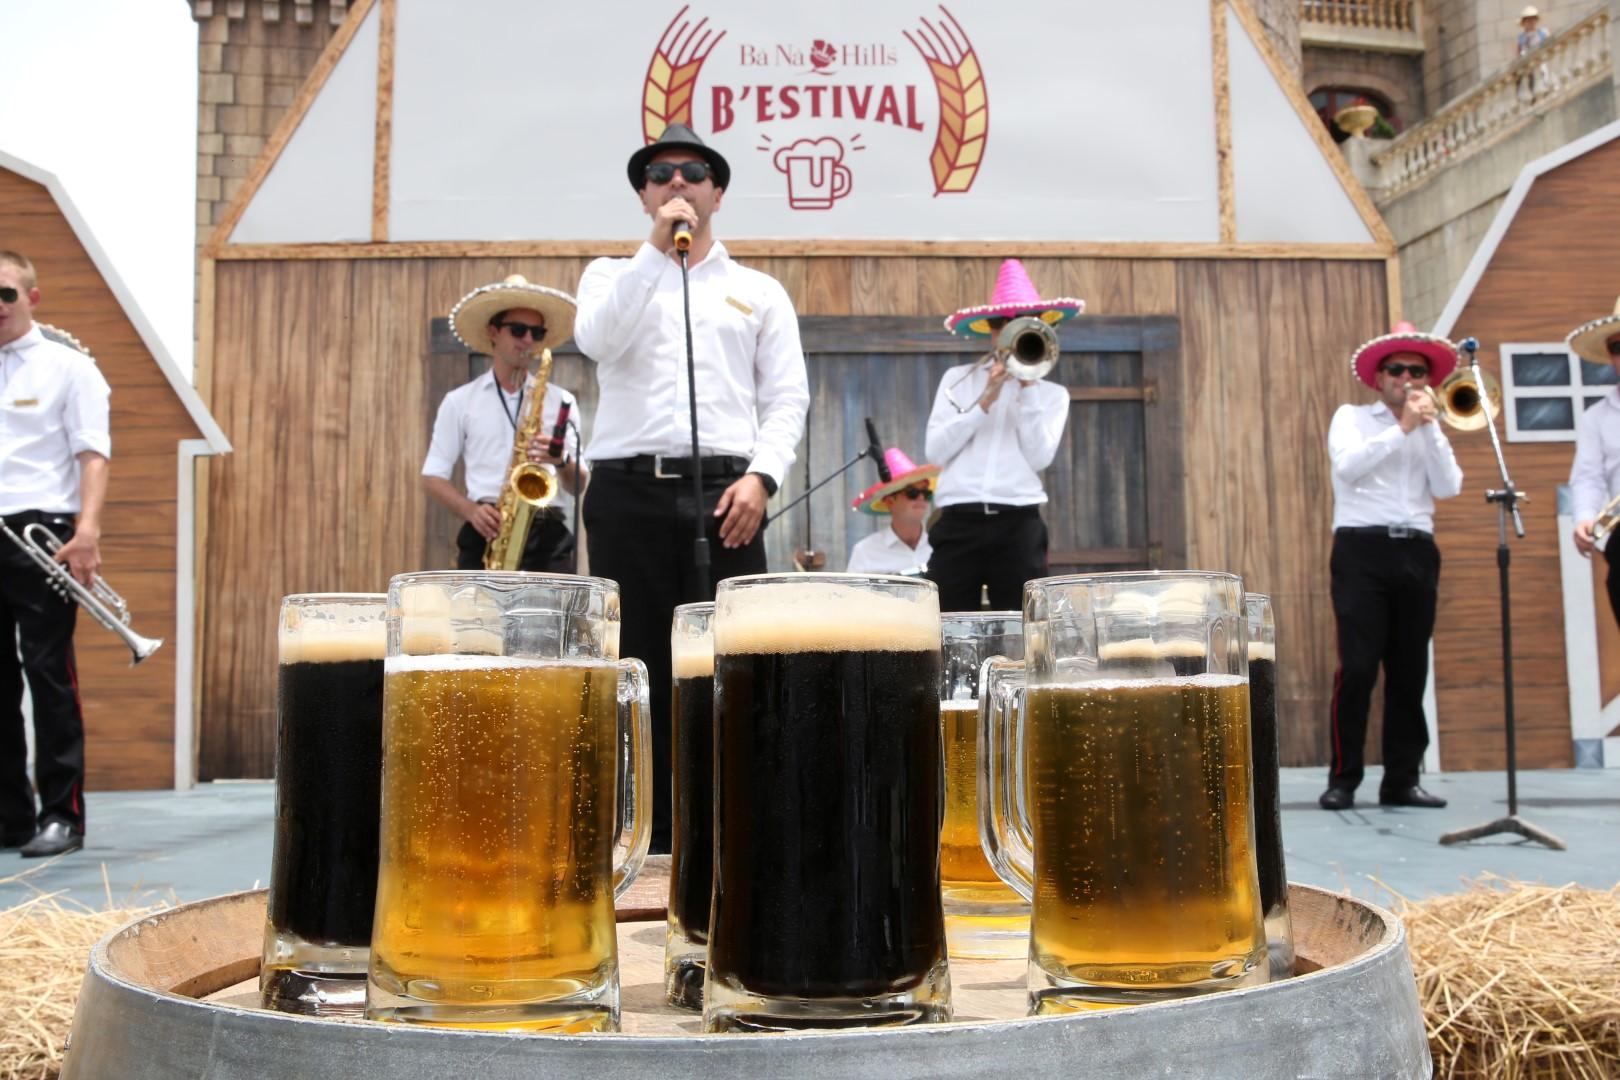 Thỏa sức uống bia Đức miễn phí với B'estival 2016 tại Bà Nà Hills